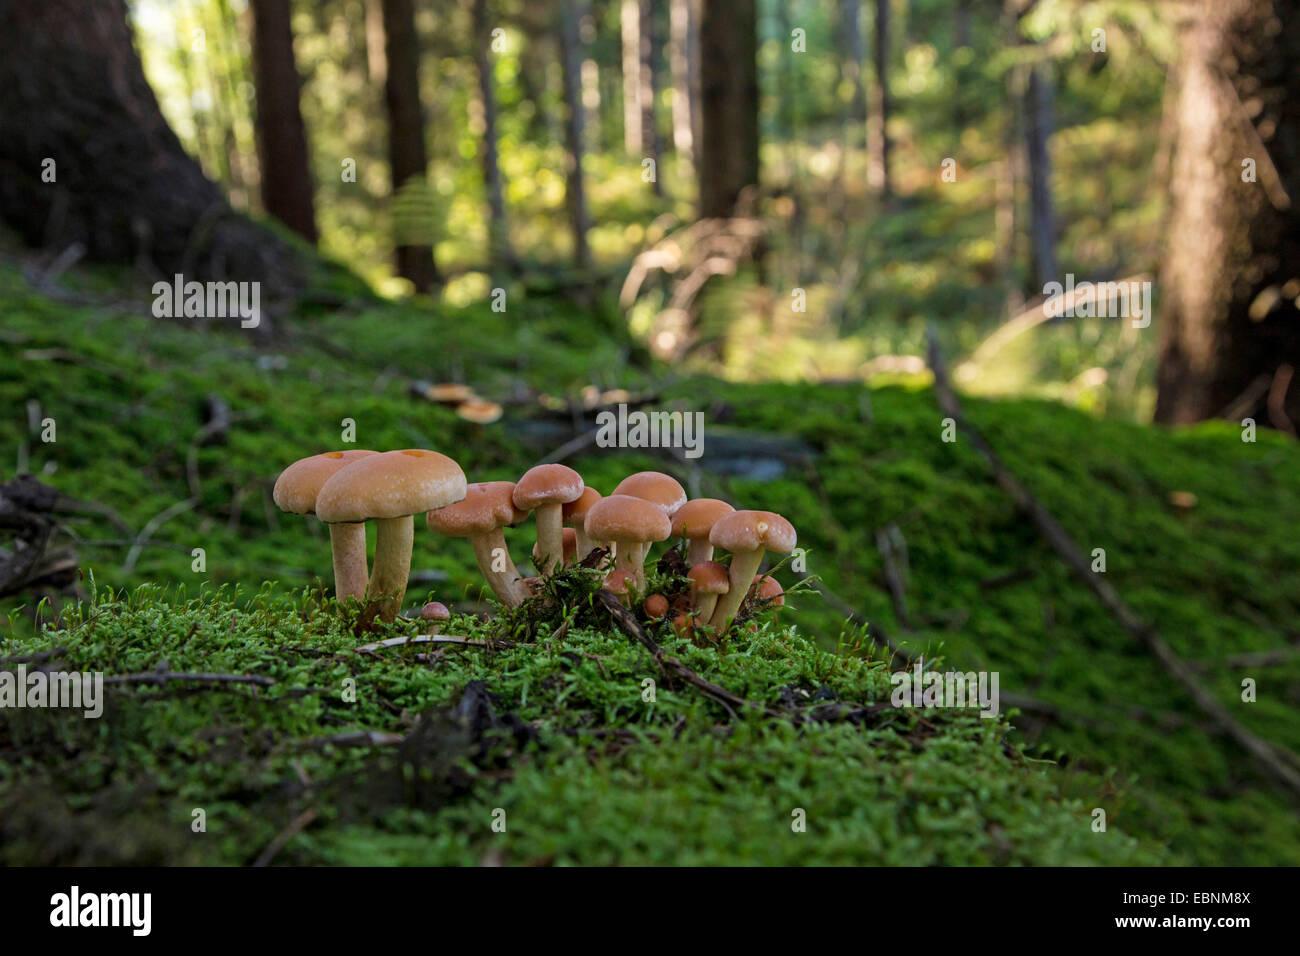 Miel oscura hongo, seta de miel (Armillaria ostoyae, Armillariella polymyces, Armillaria solidipes), órganos de fructificación en un árbol musgosas snag, Alemania, Baviera Foto de stock